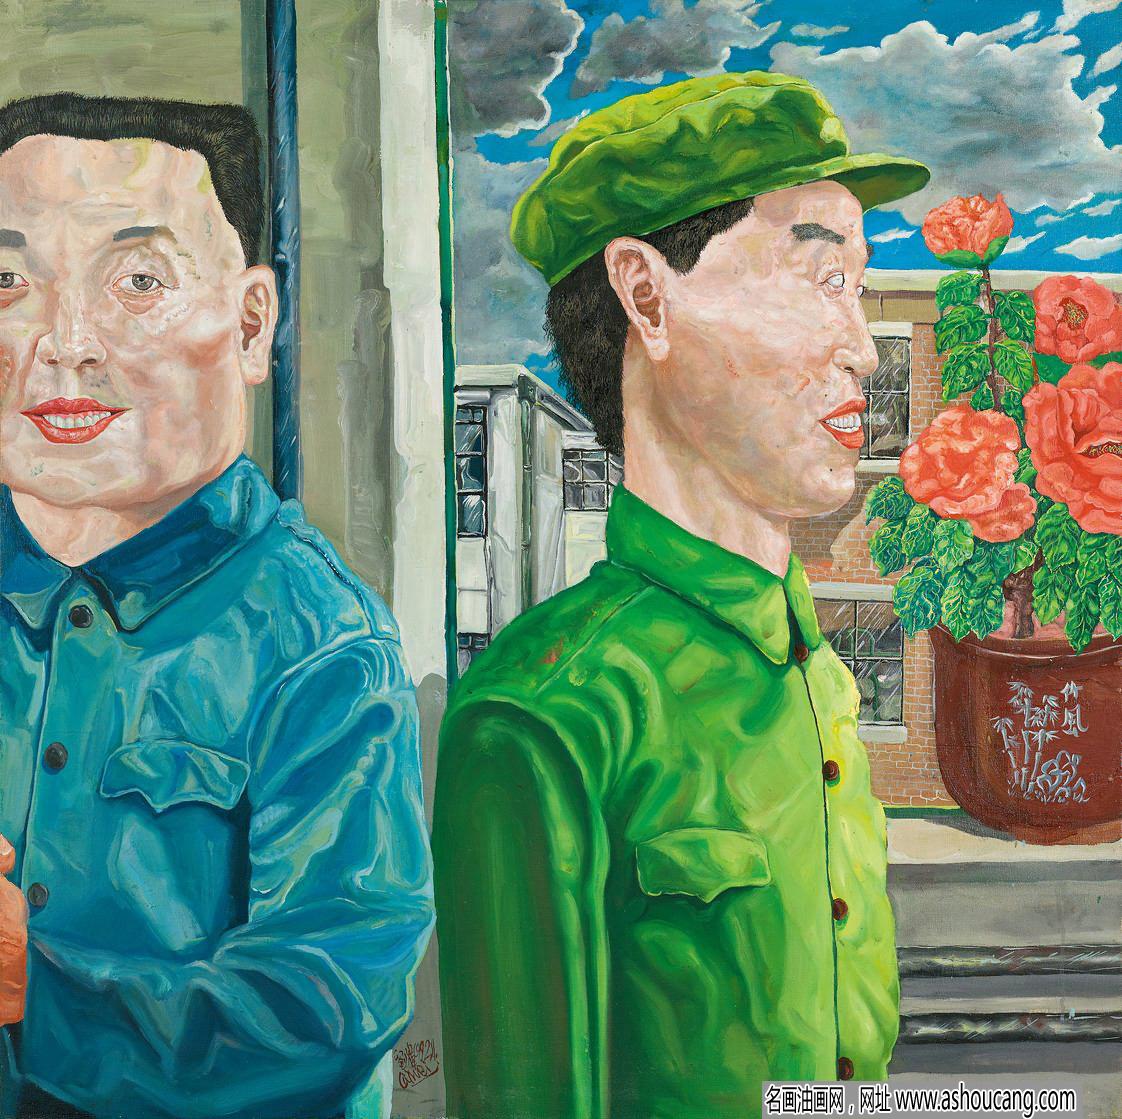 刘炜油画作品《革命家庭》赏析及拍卖价格